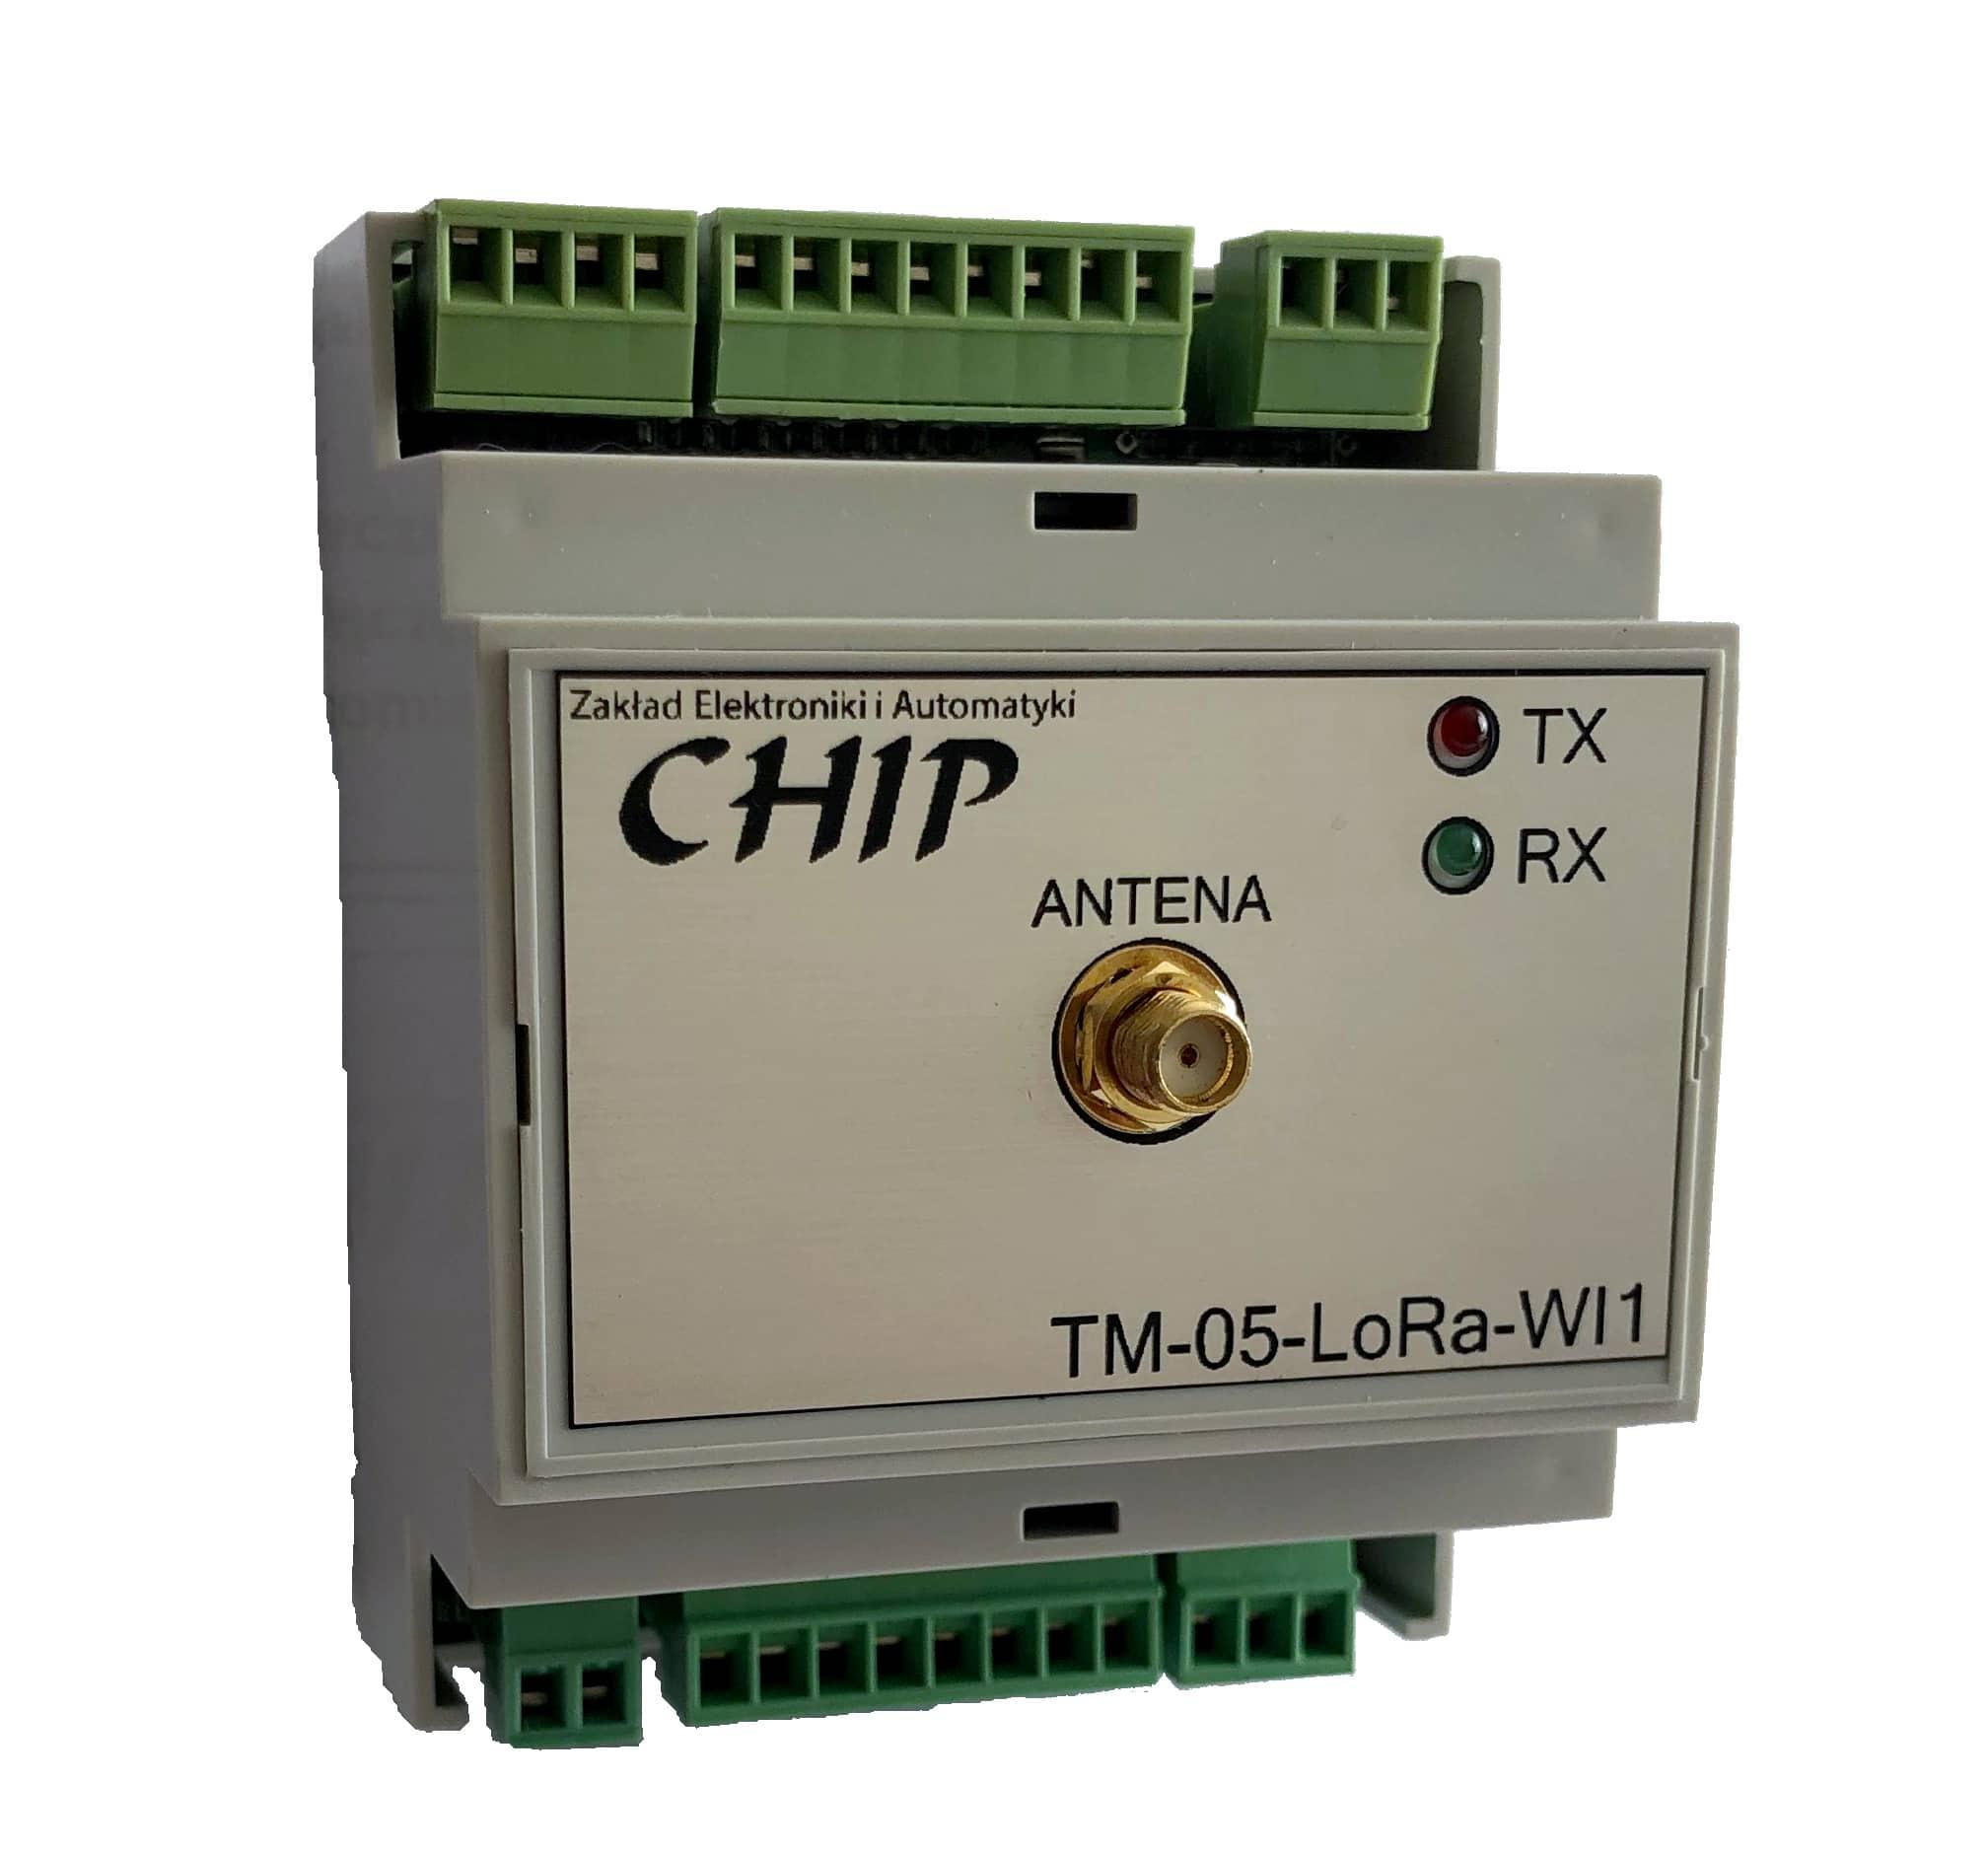 Bezprzewodowe łącze sygnałowe TM-05-LoRa-WI